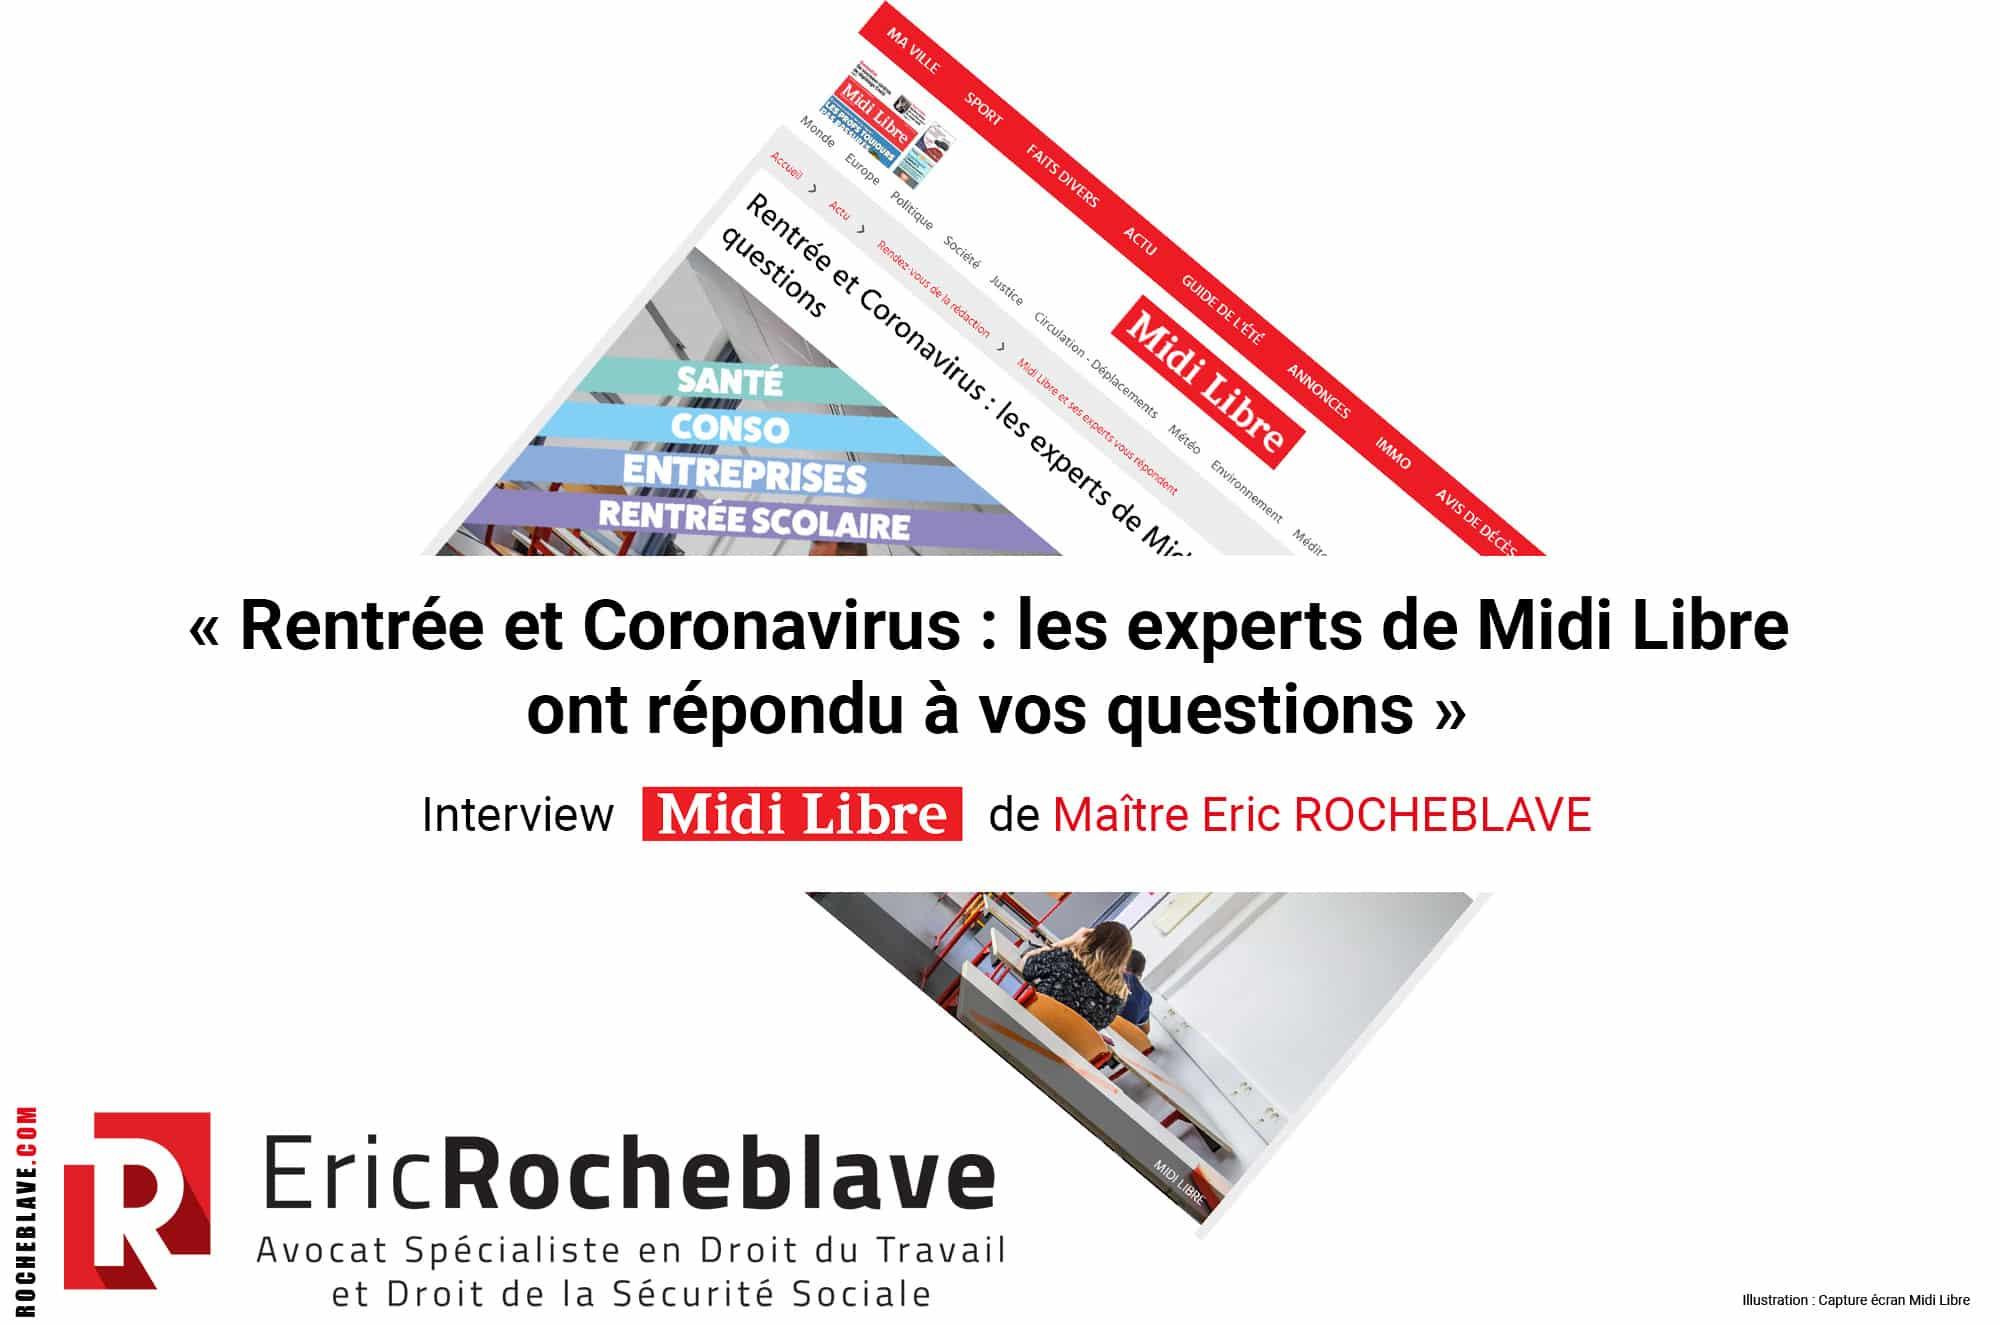 « Rentrée et Coronavirus : les experts de Midi Libre ont répondu à vos questions » Interview Midi Libre de Maître Eric ROCHEBLAVE